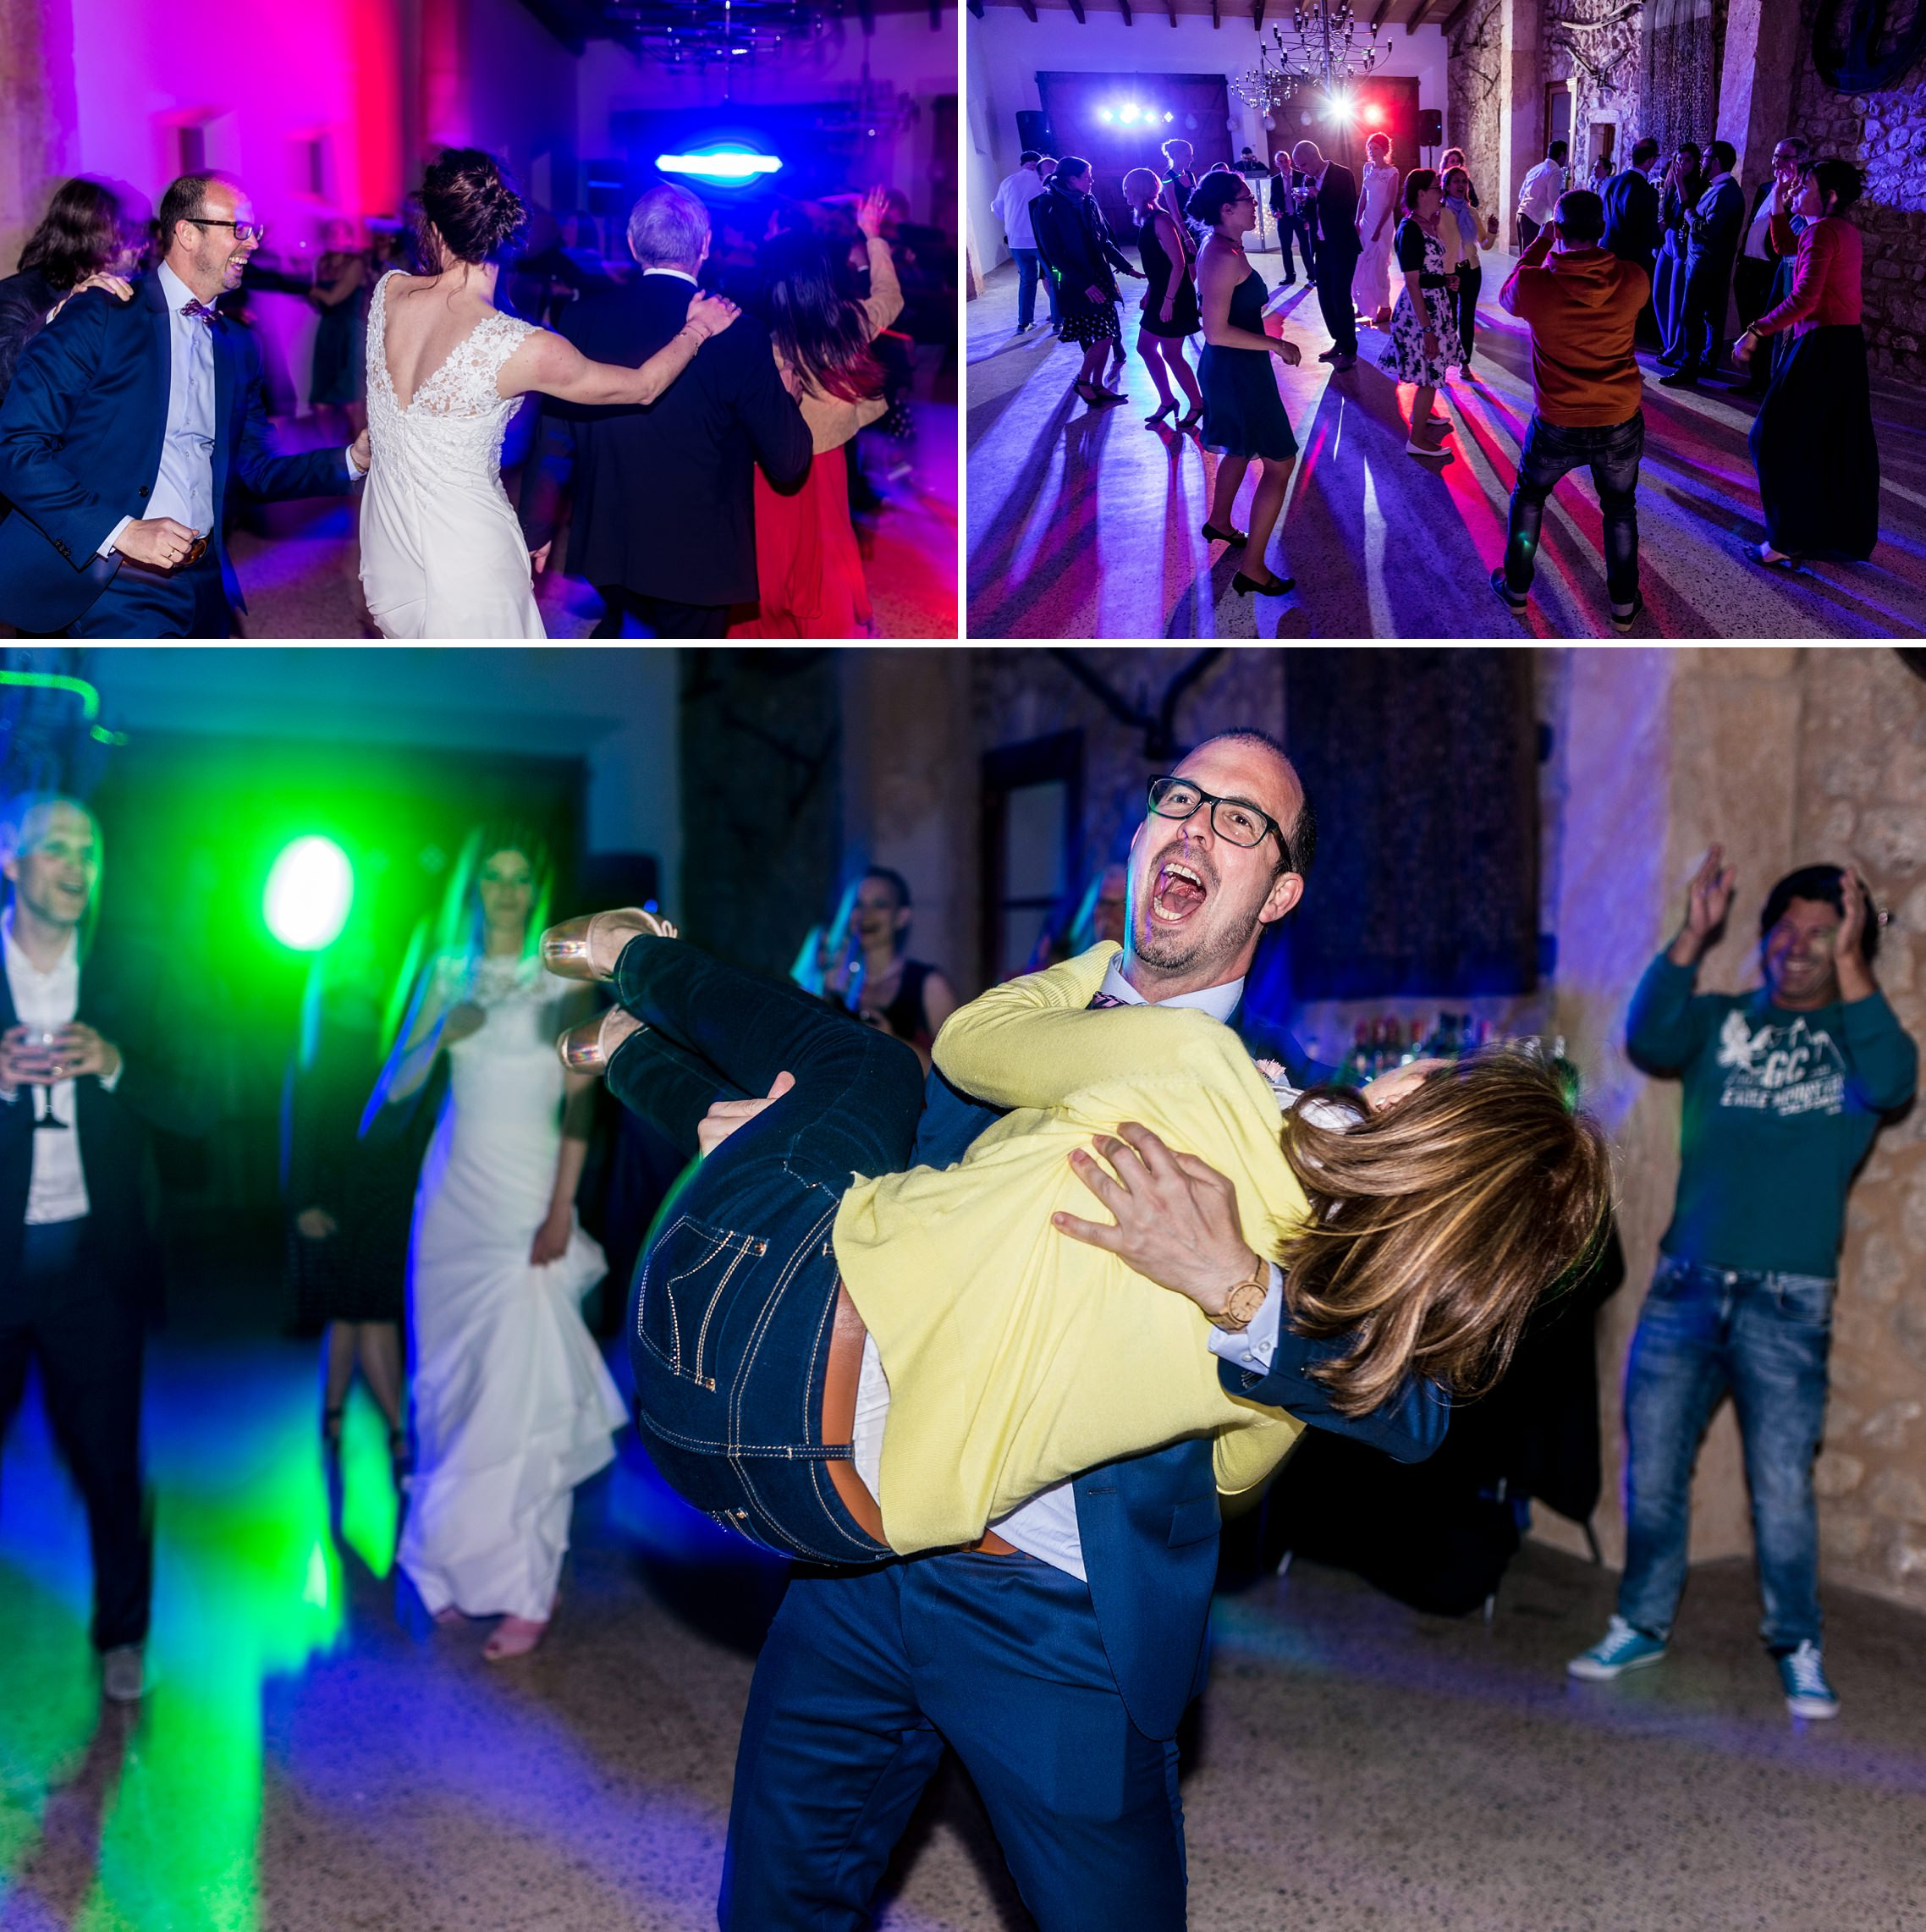 Feiernde Hochzeitsgäste - der Bräutigam wirbelt seine Mutter durch die Luft.